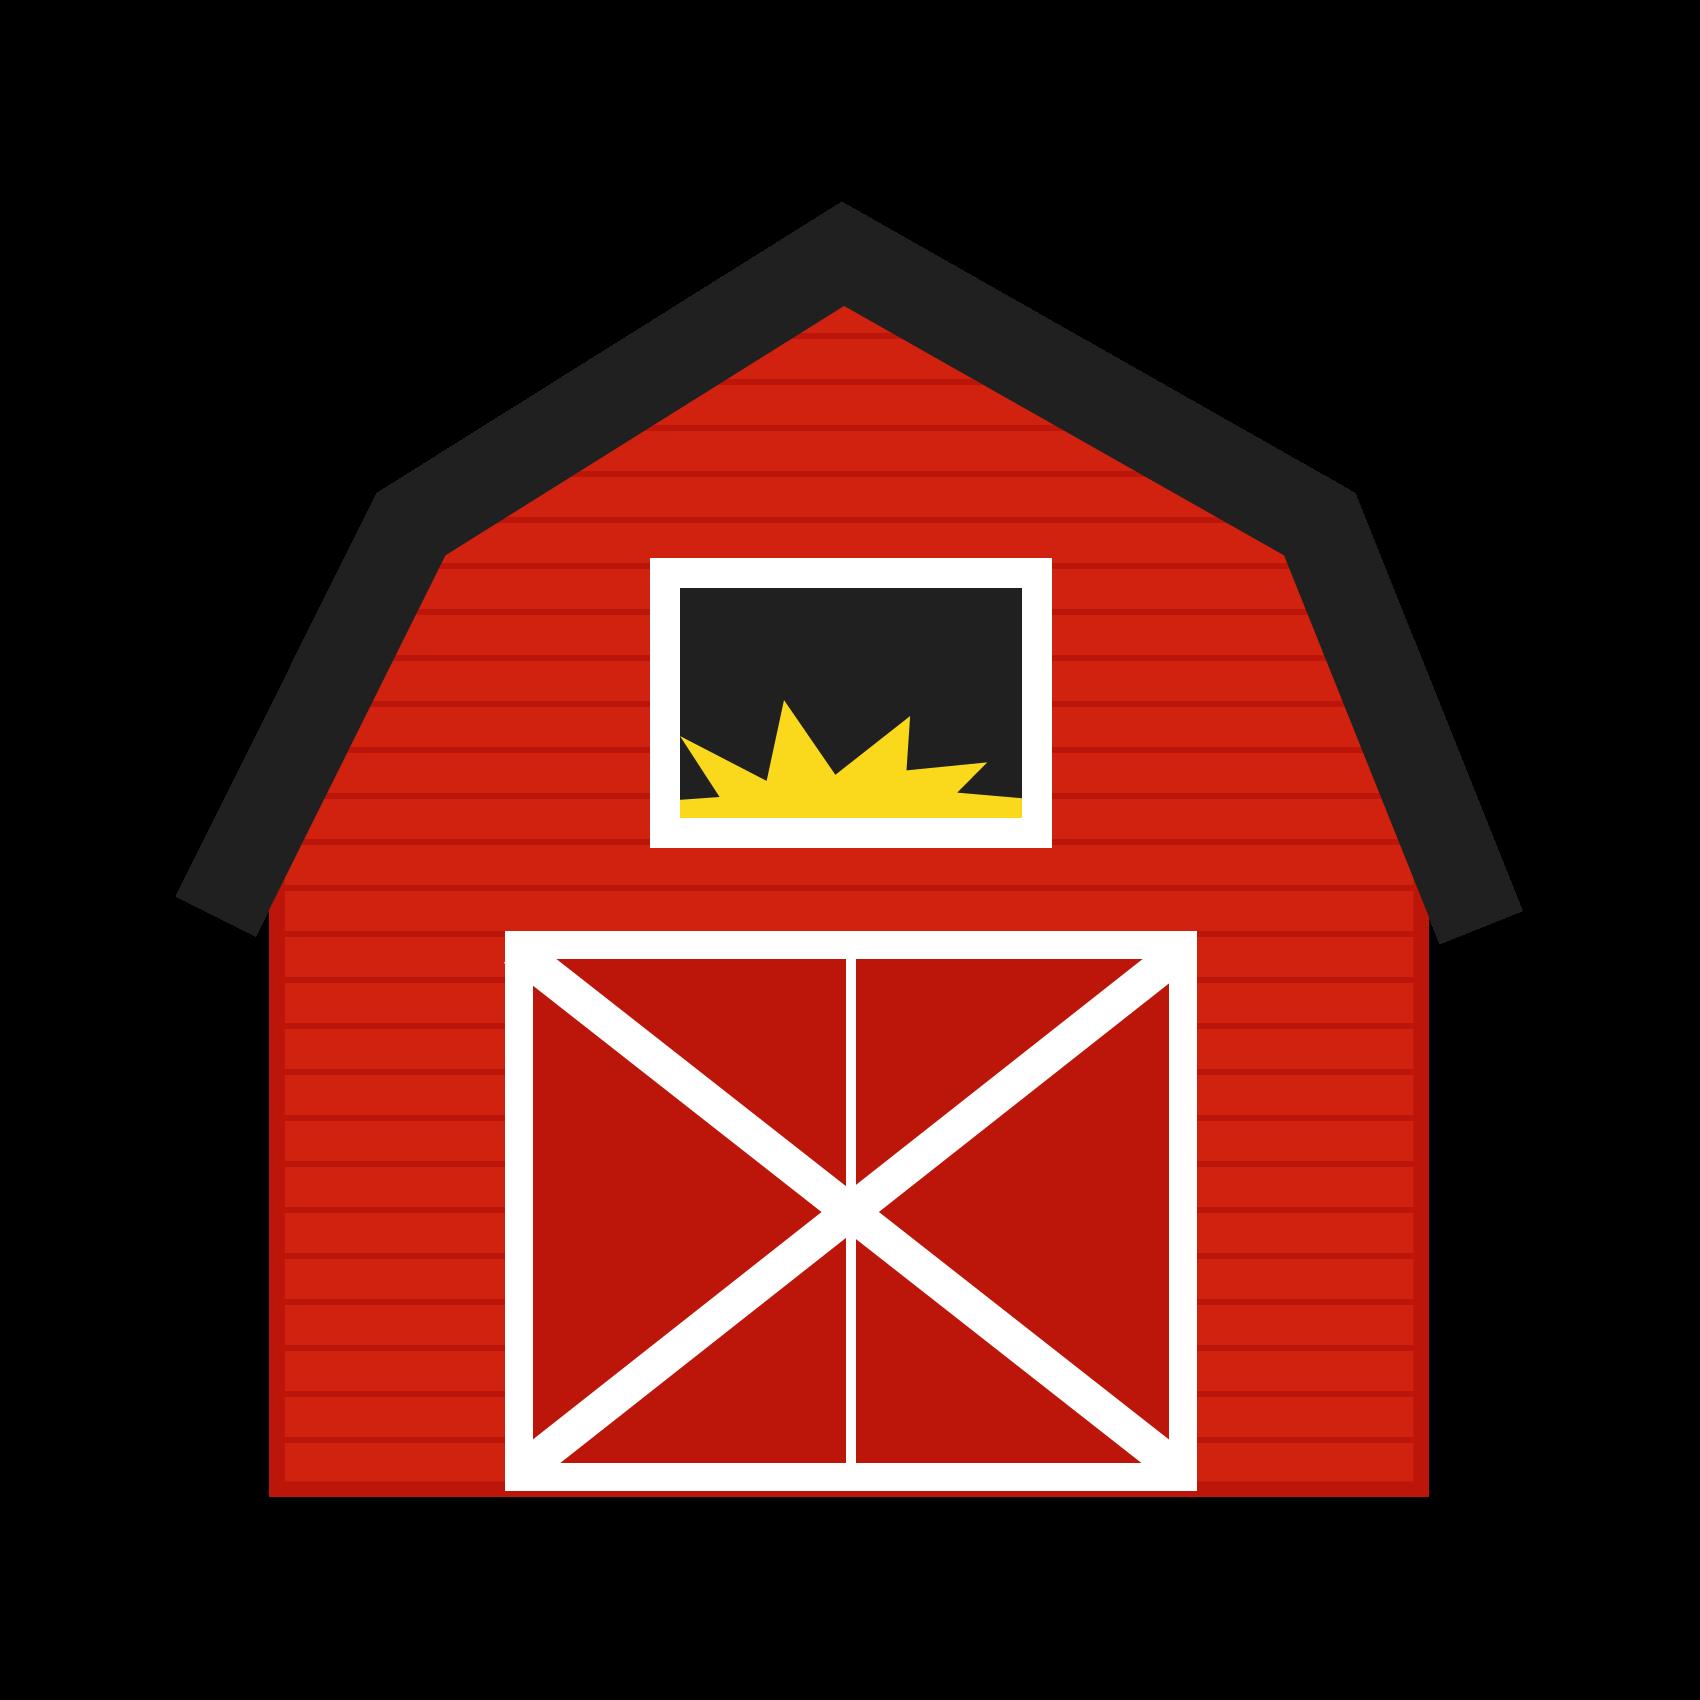 Barn PNG